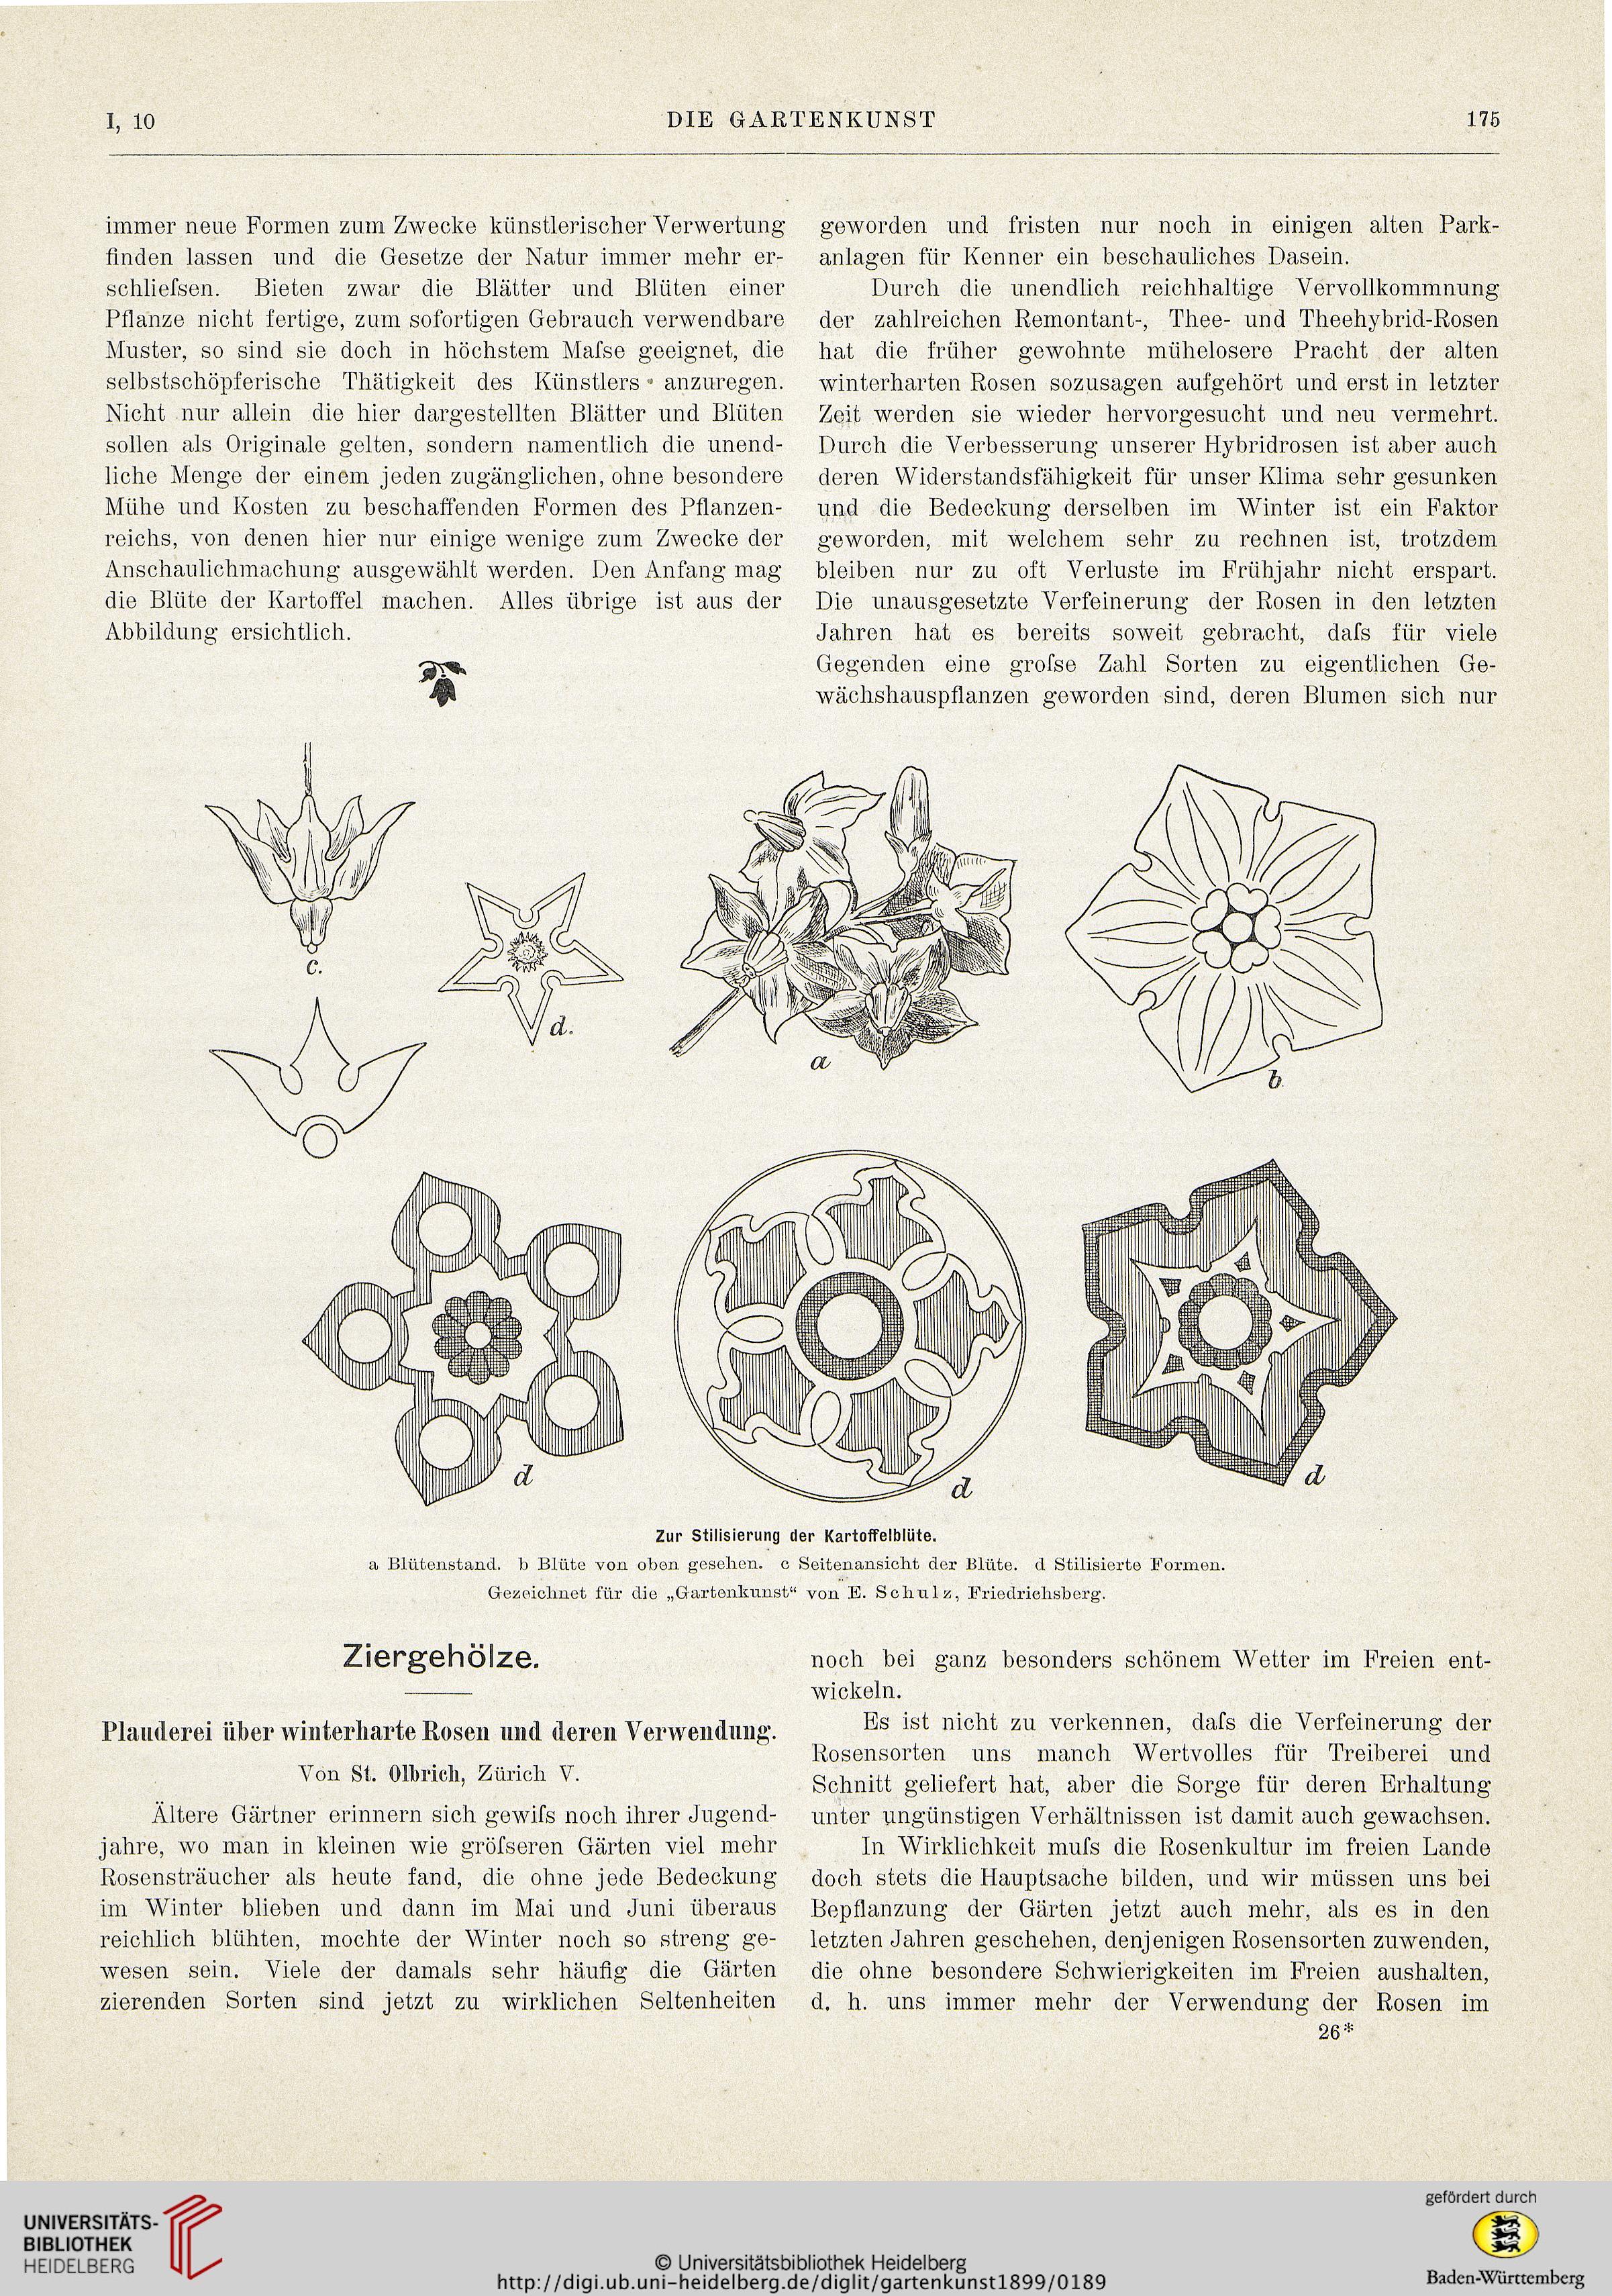 Die Gartenkunst (1.1899)